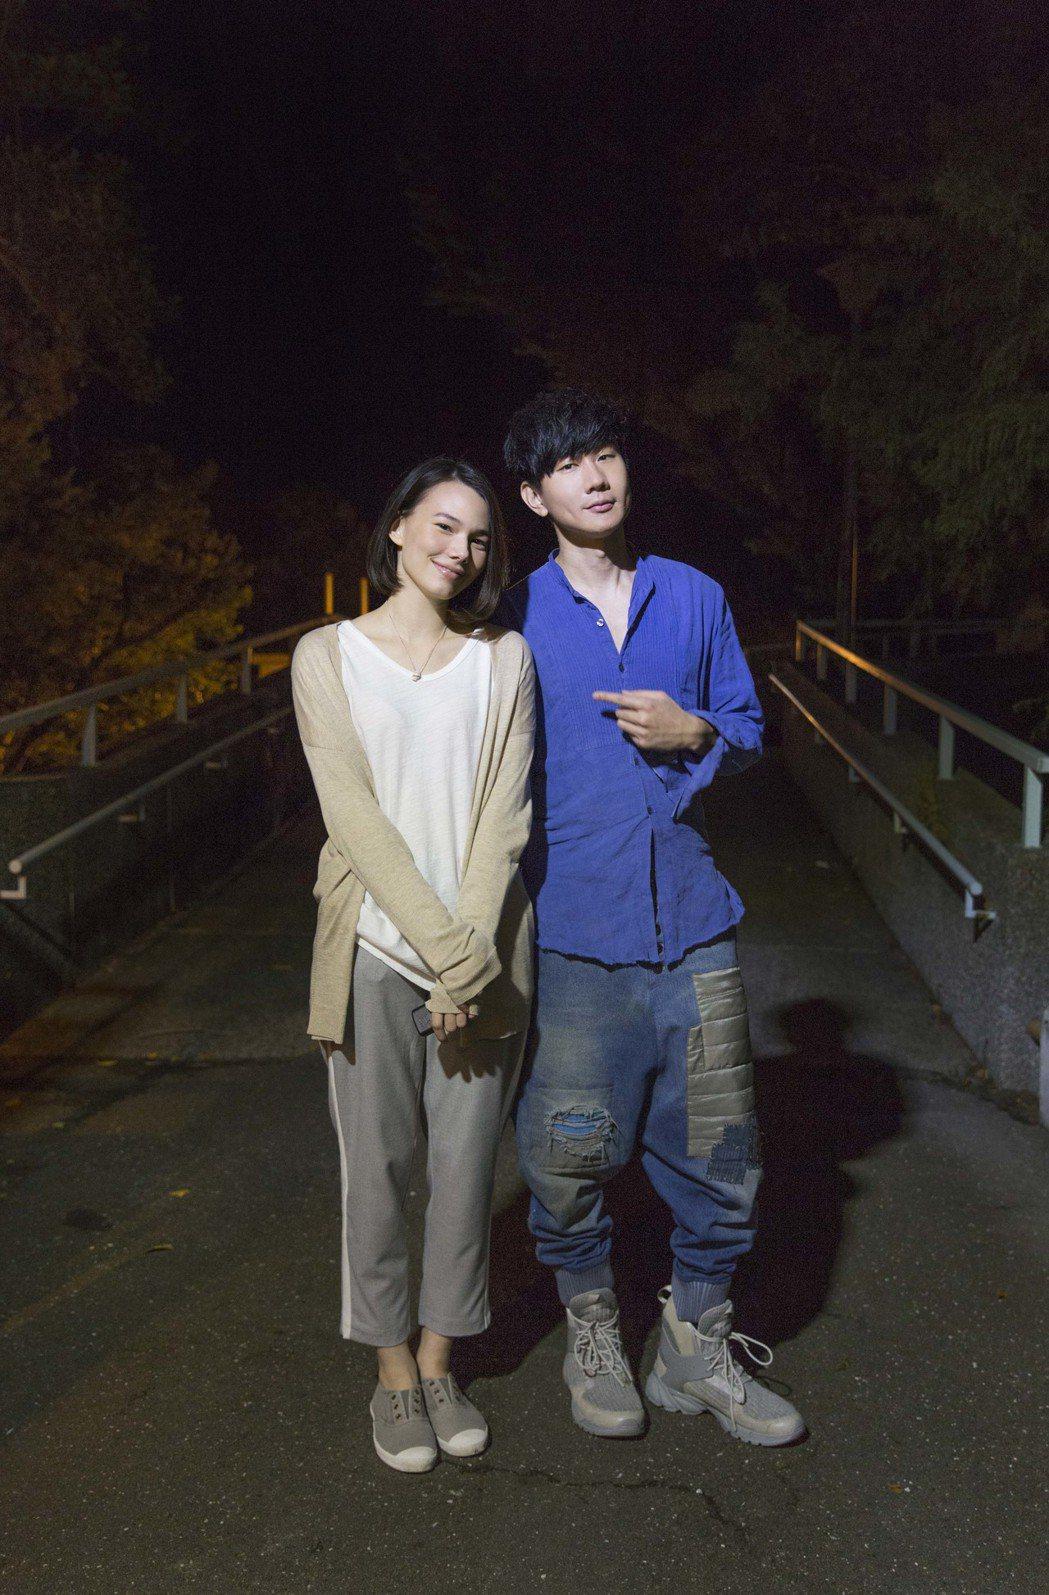 林俊傑(右)與紀培慧合作拍攝新歌MV。圖/華納音樂提供